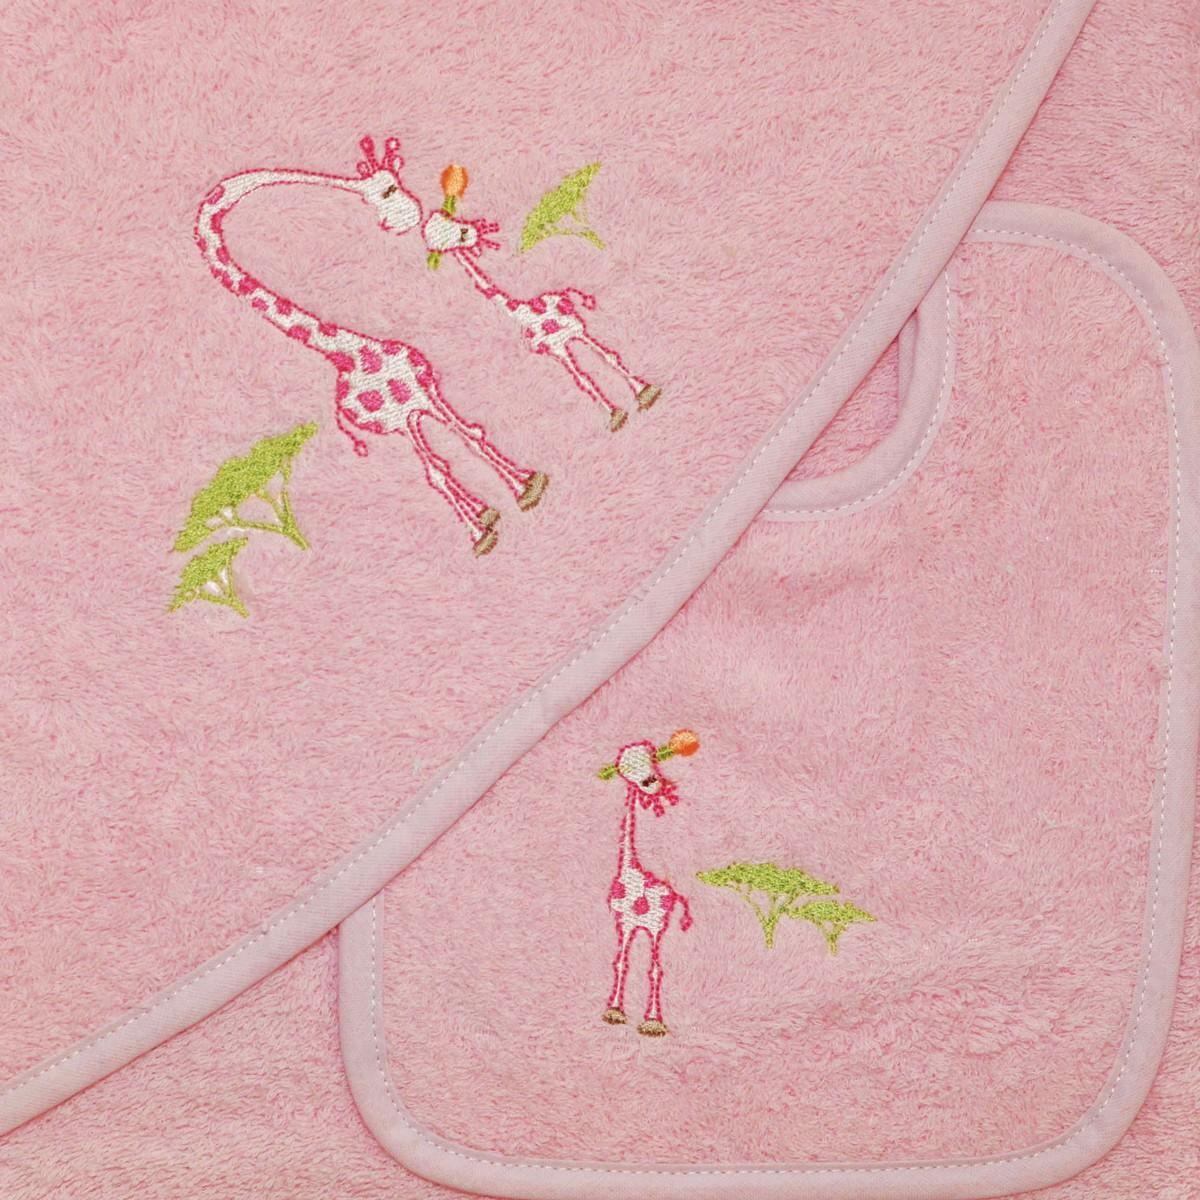 Βρεφική Κάπα + Σαλιάρα Morven 621 Pink home   βρεφικά   κάπες βρεφικές